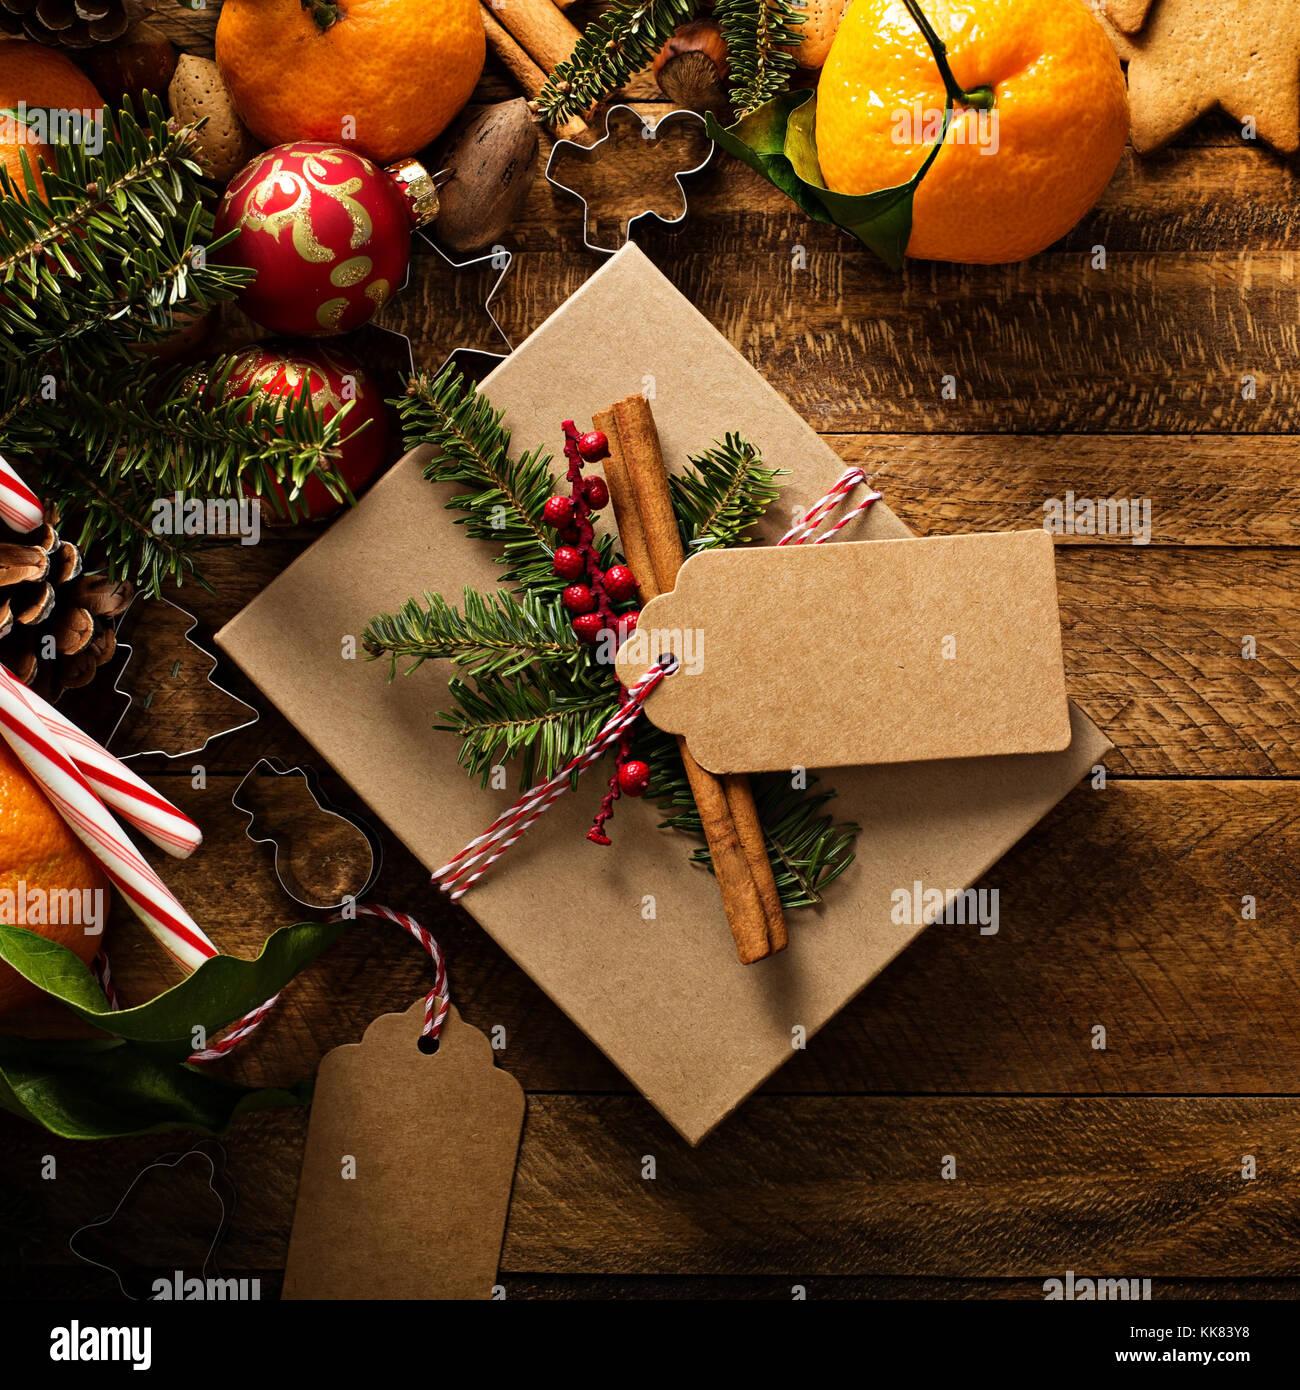 Weihnachten Hintergrund mit Orangen, Zuckerstangen und Dekorationen Stockbild